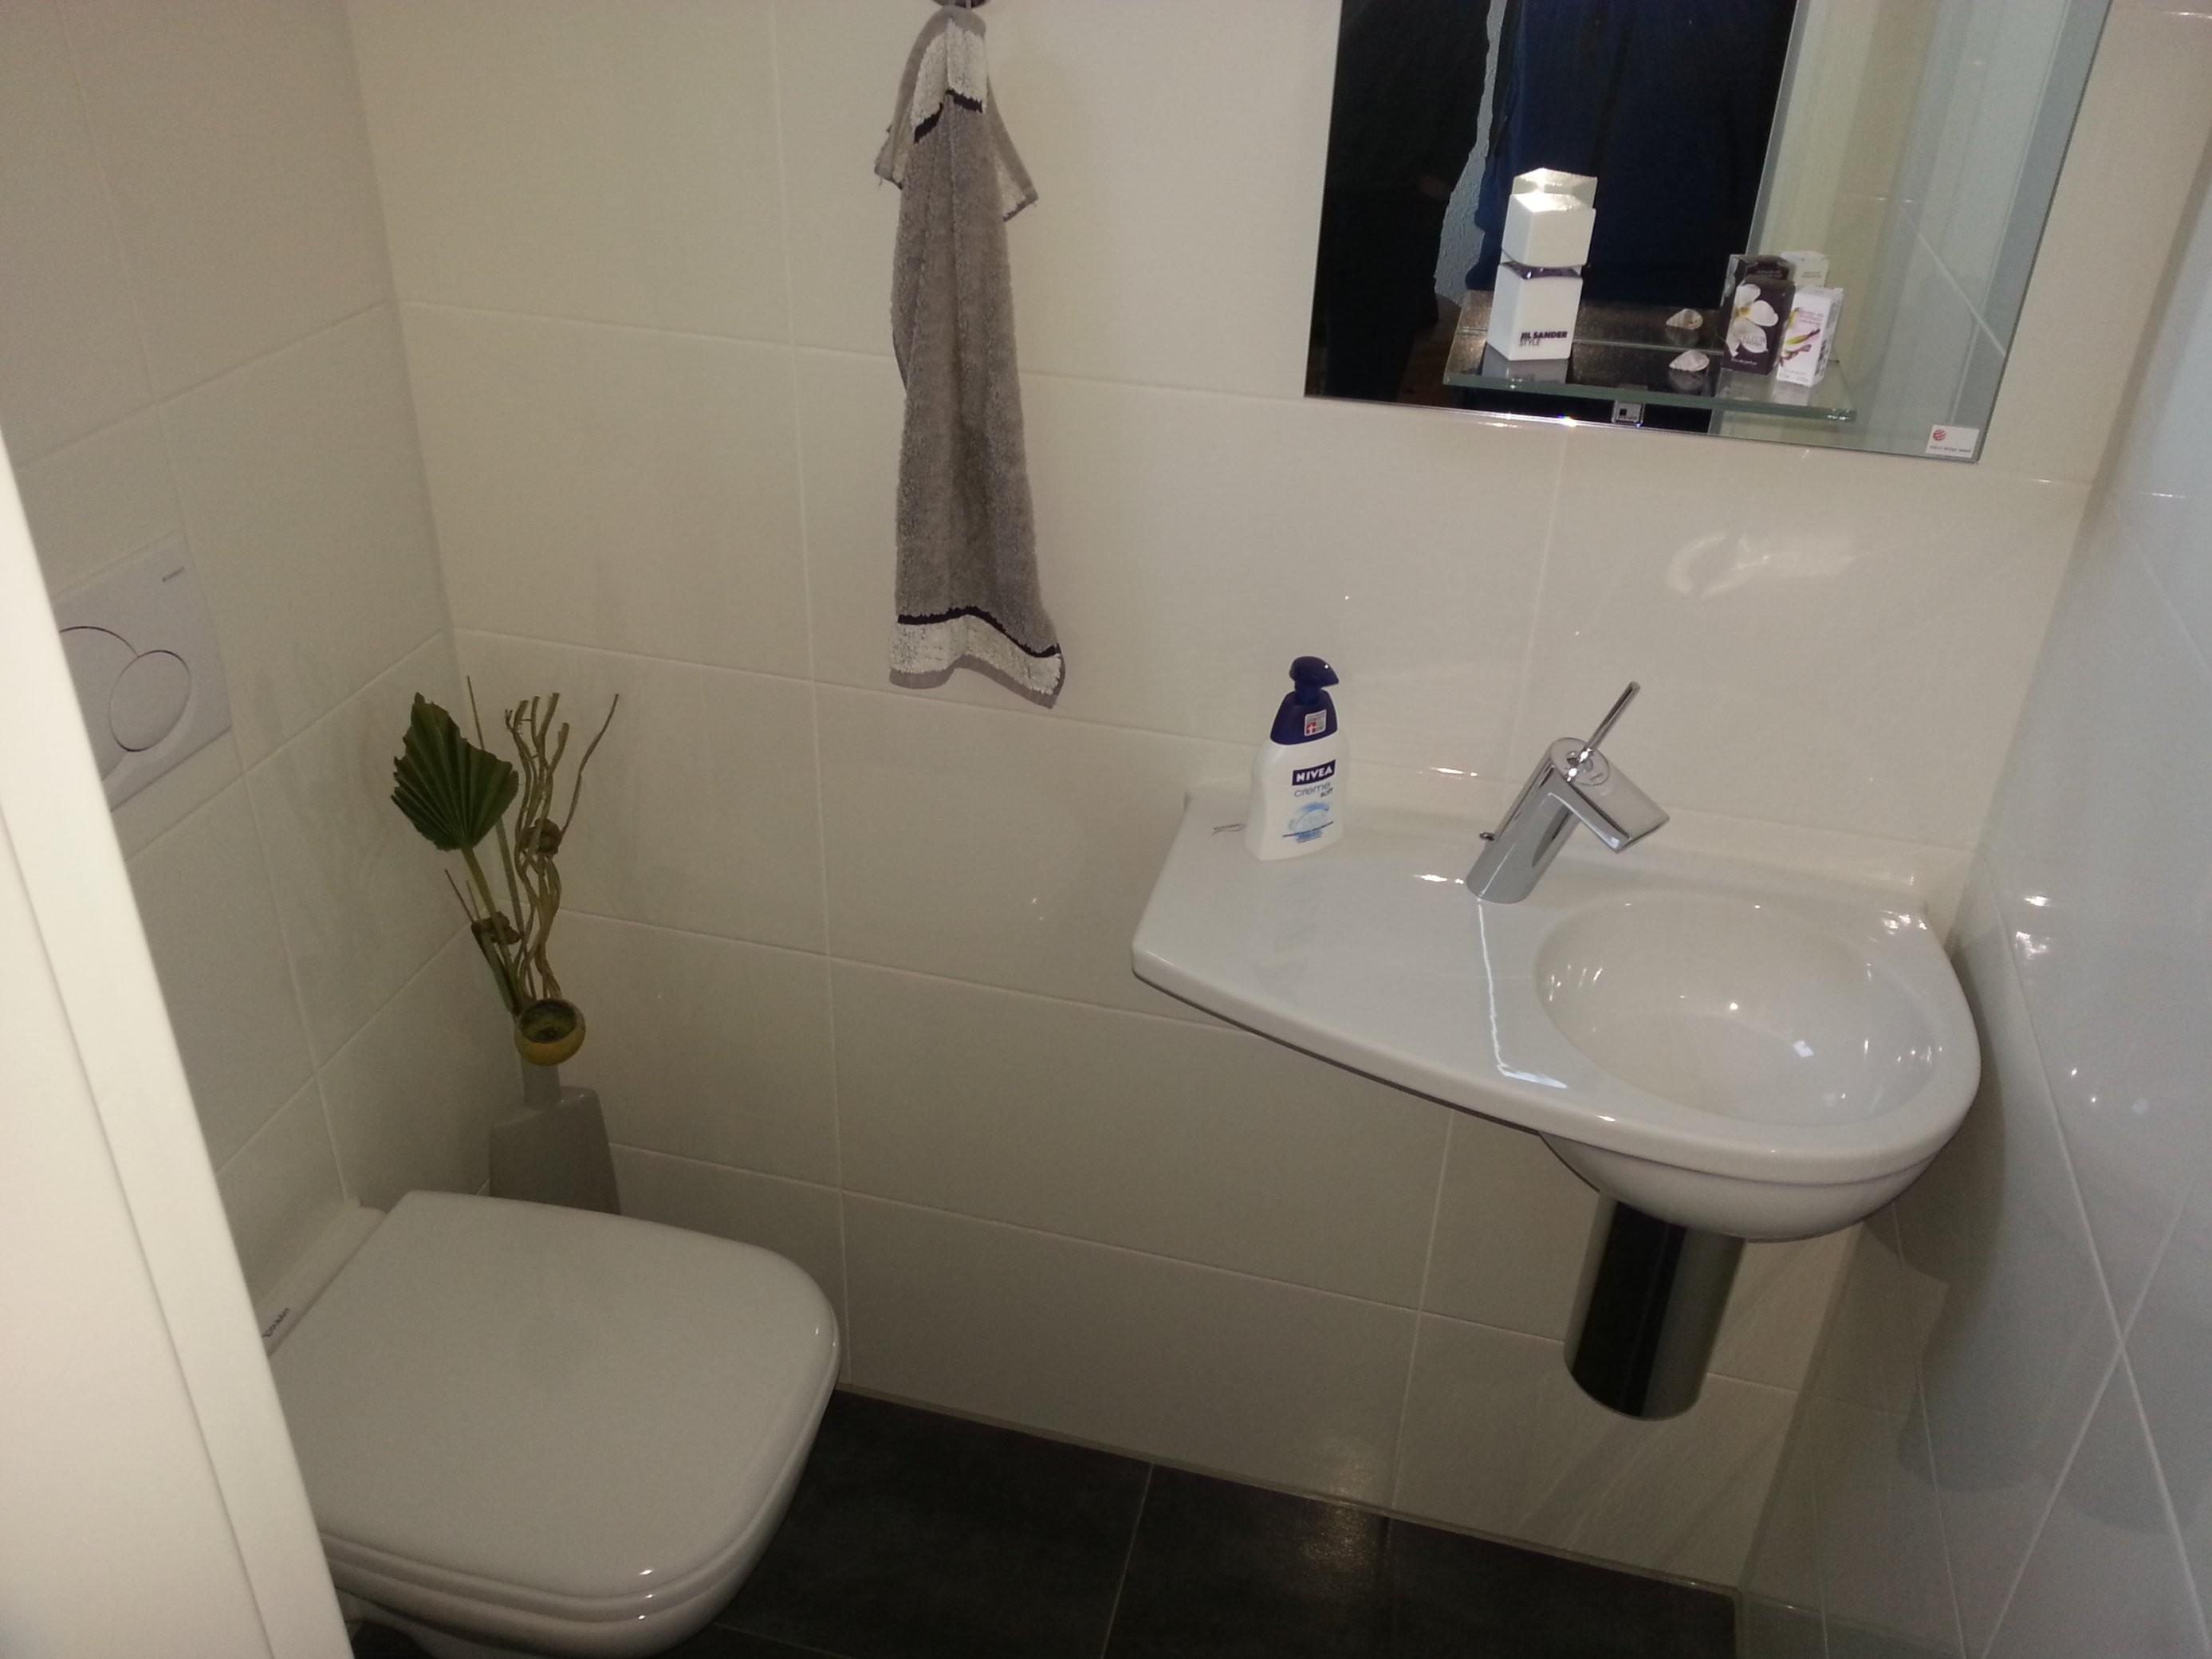 Kleines Waschbecken Mit Unterschrank Für Gäste Wc Jenseits Des von Kleine Waschbecken Gäste Wc Photo